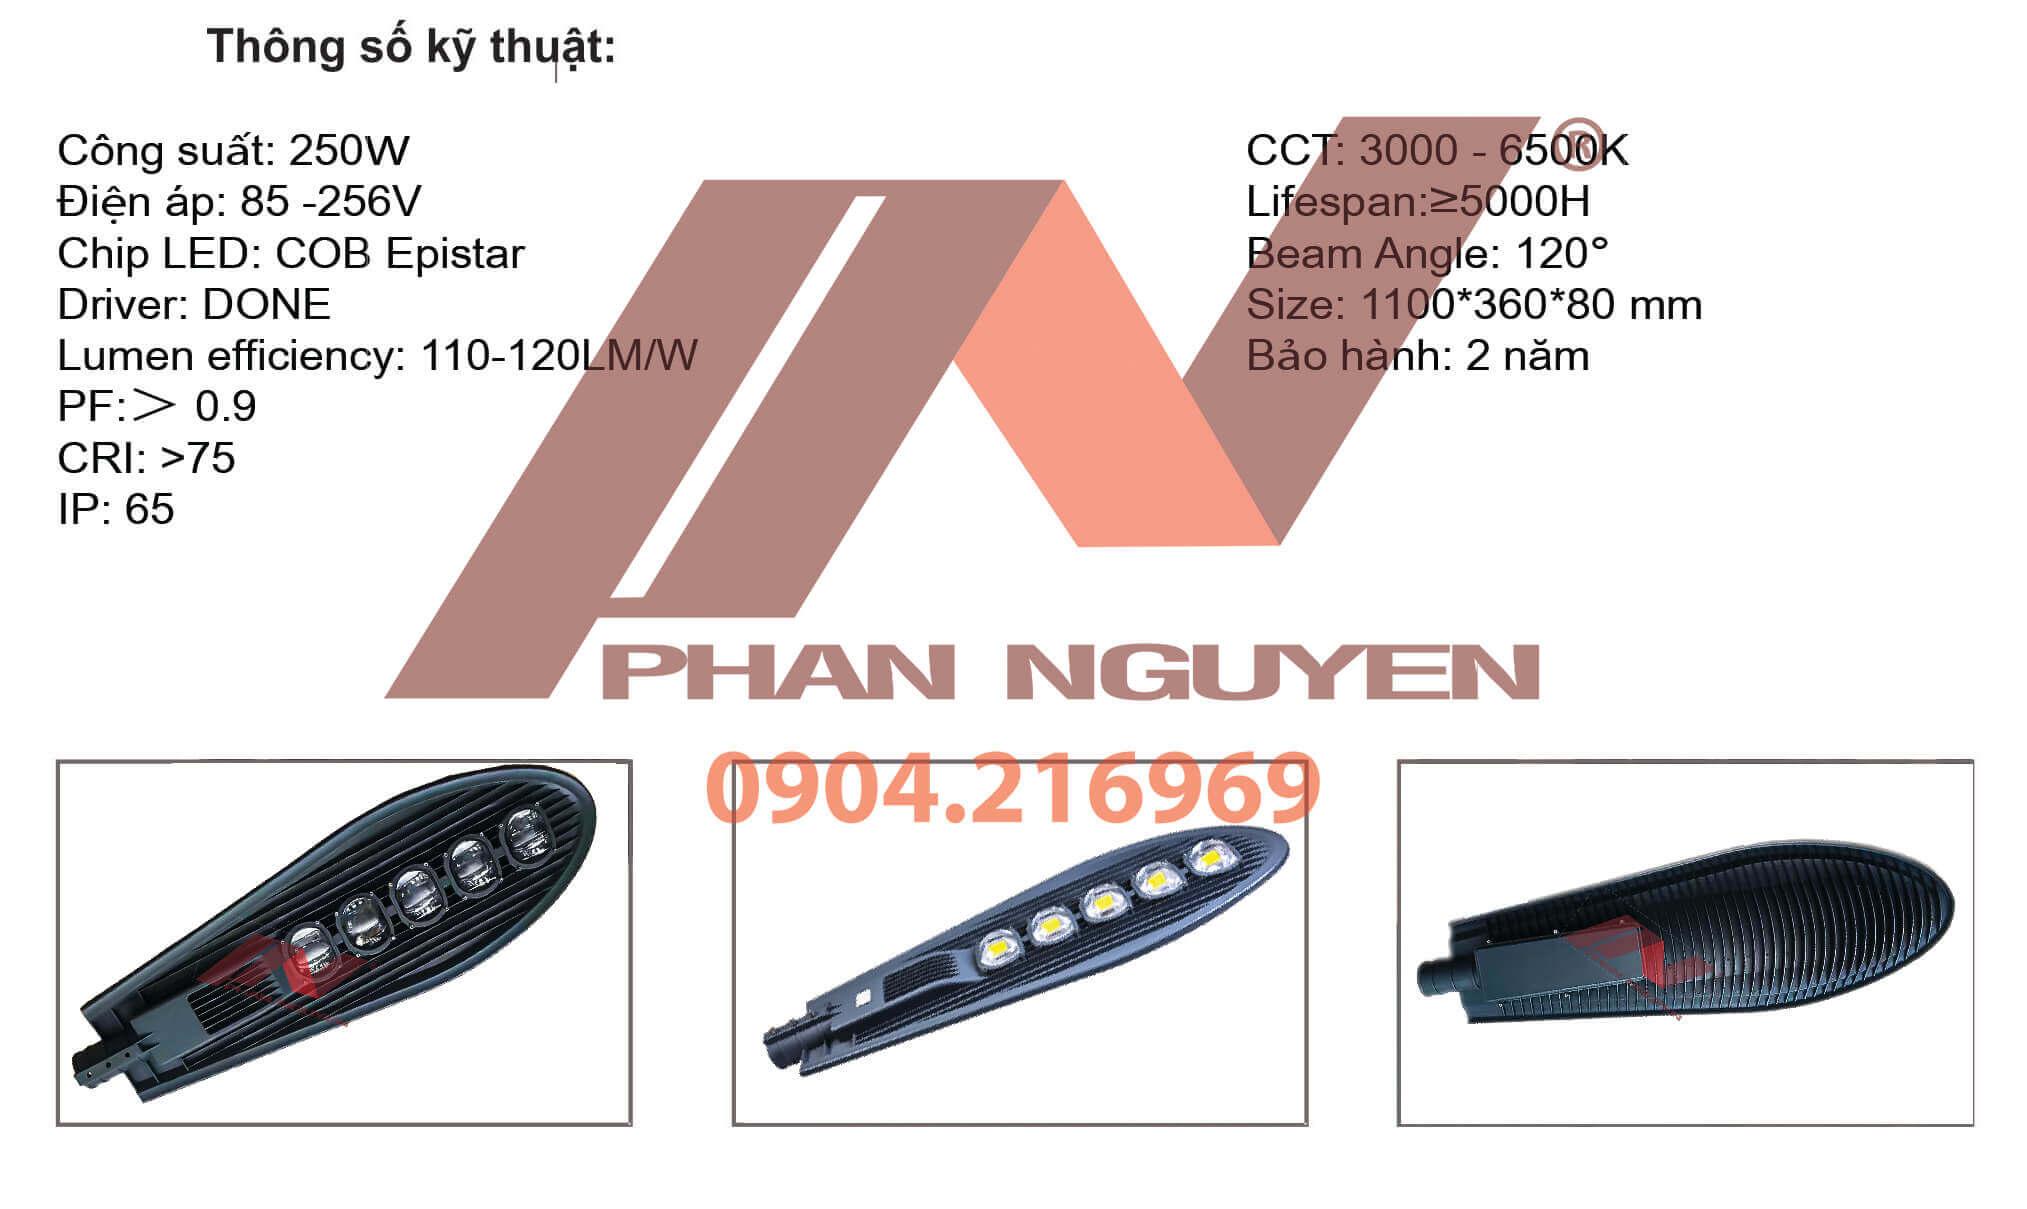 thông số tiêu chuẩn đèn đường led 250W